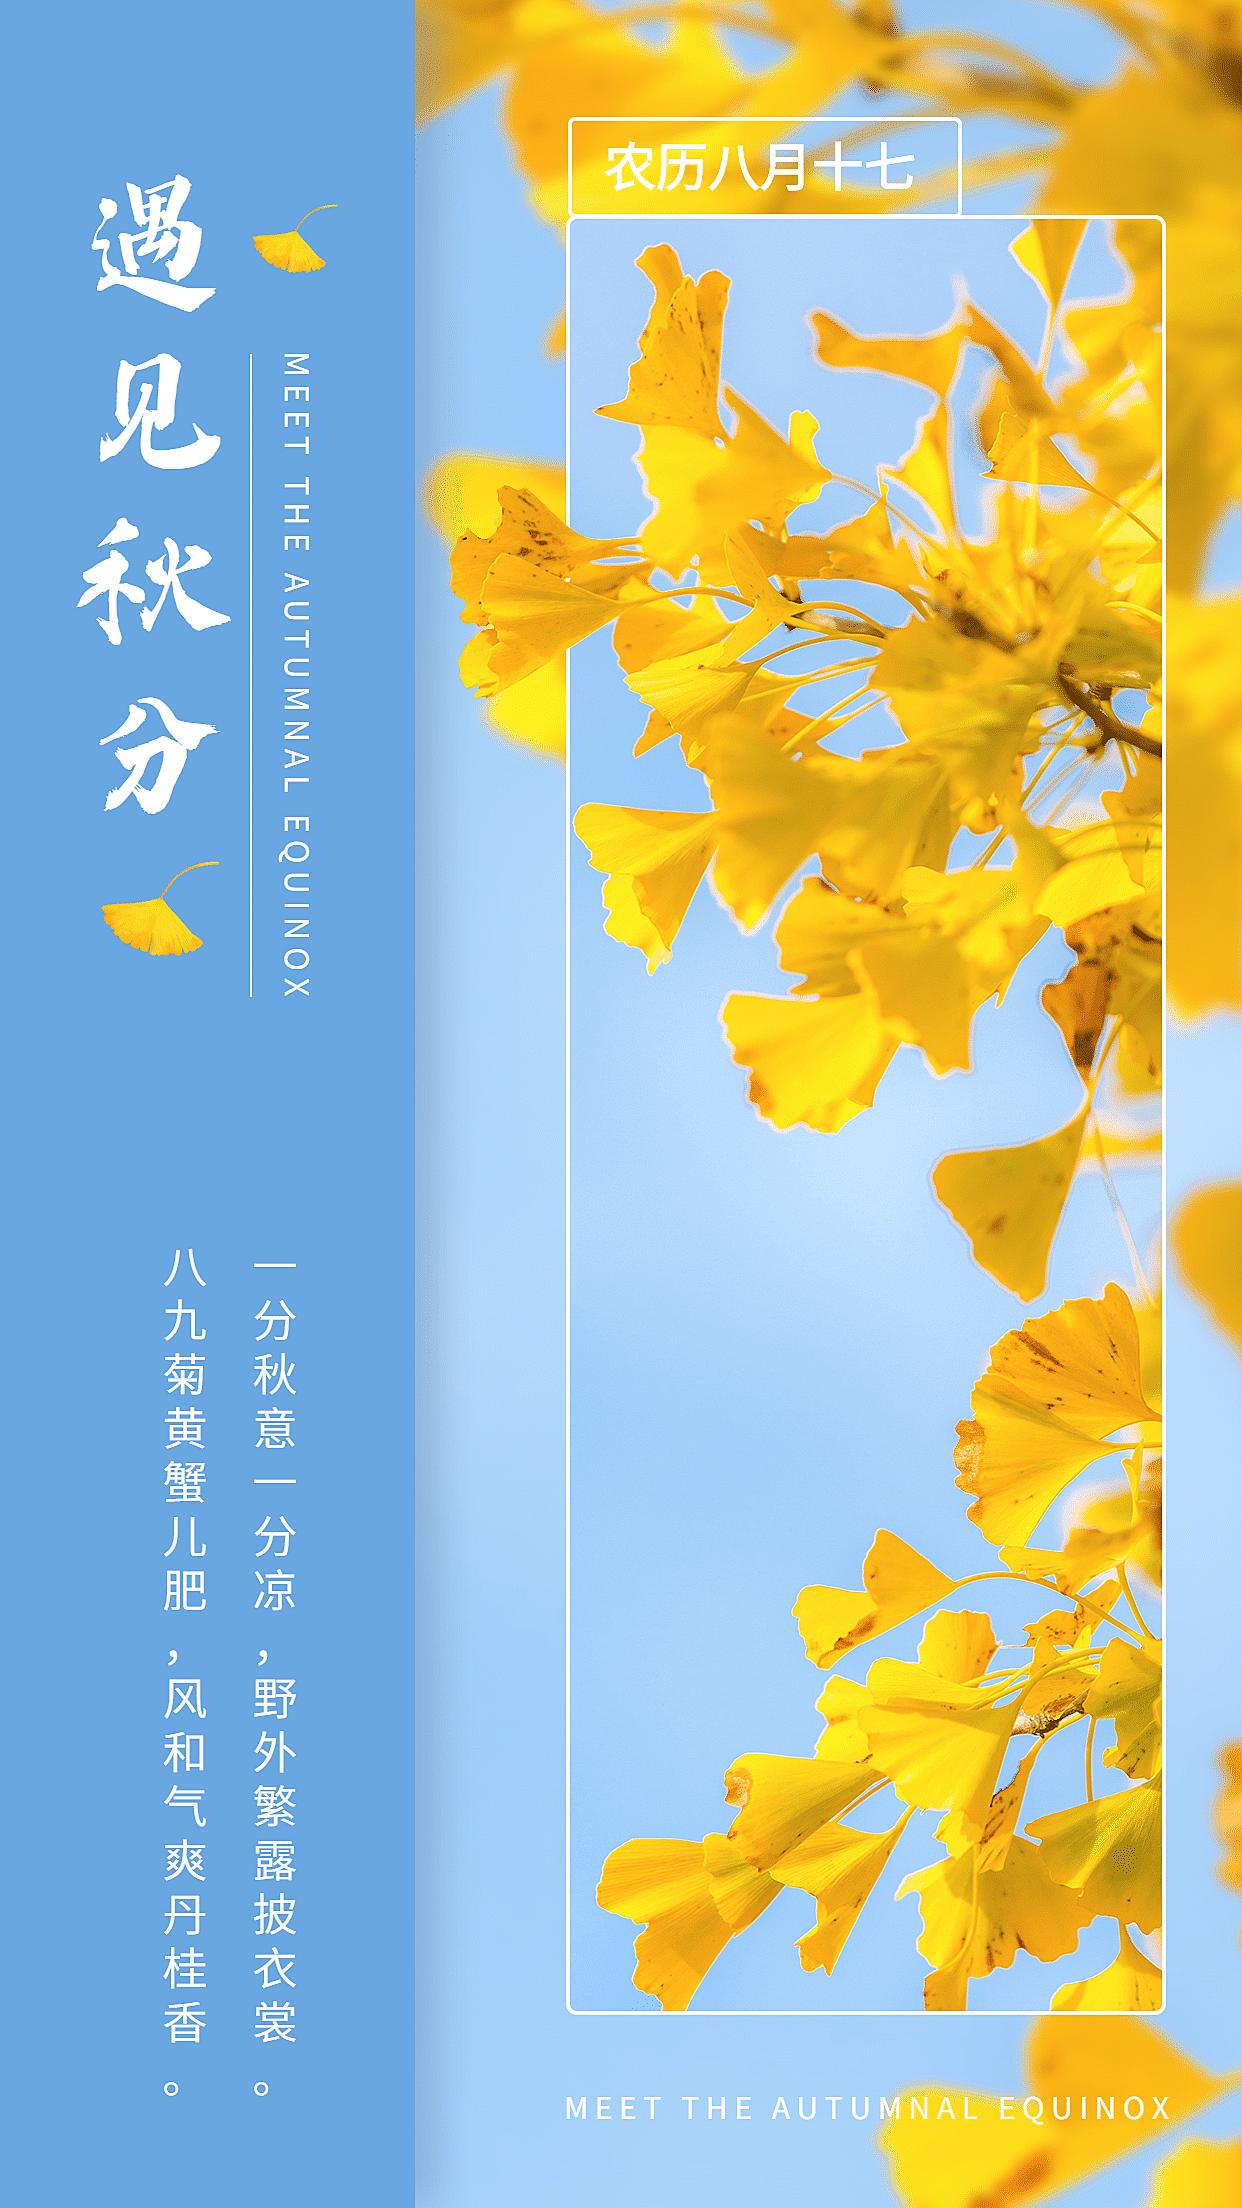 清新银杏实景秋分节气全屏祝福